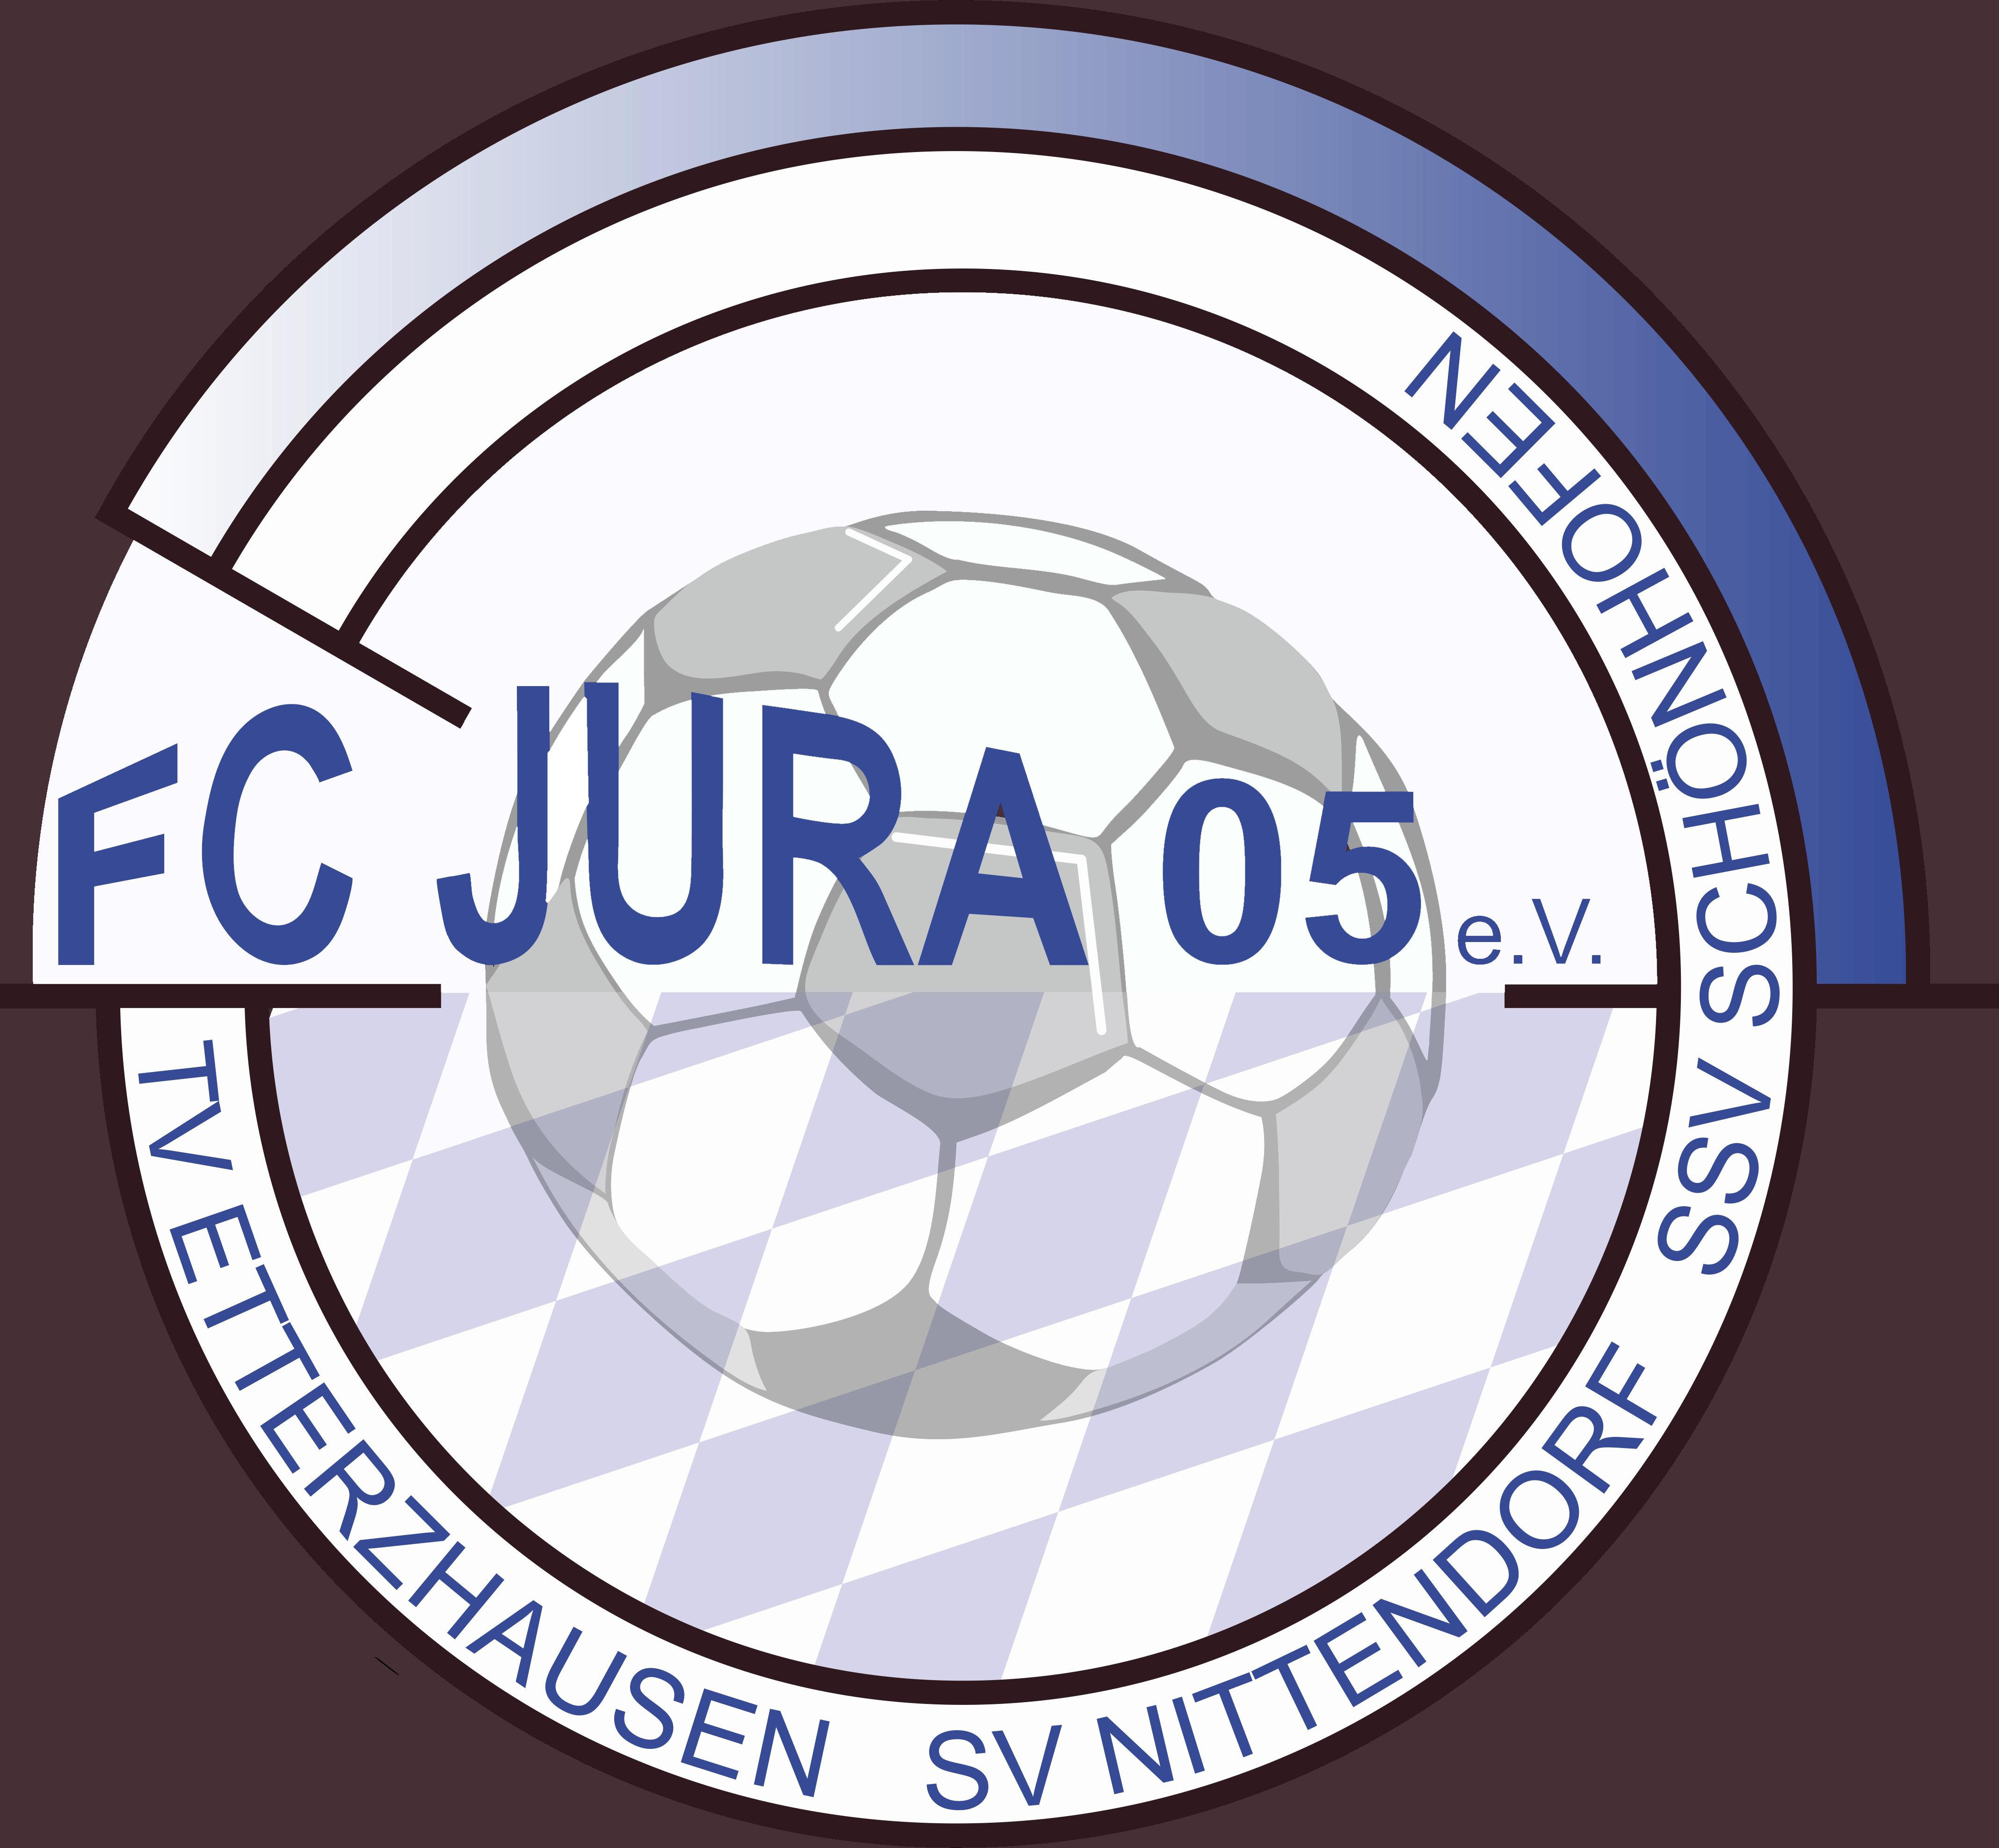 Fc Jura 05